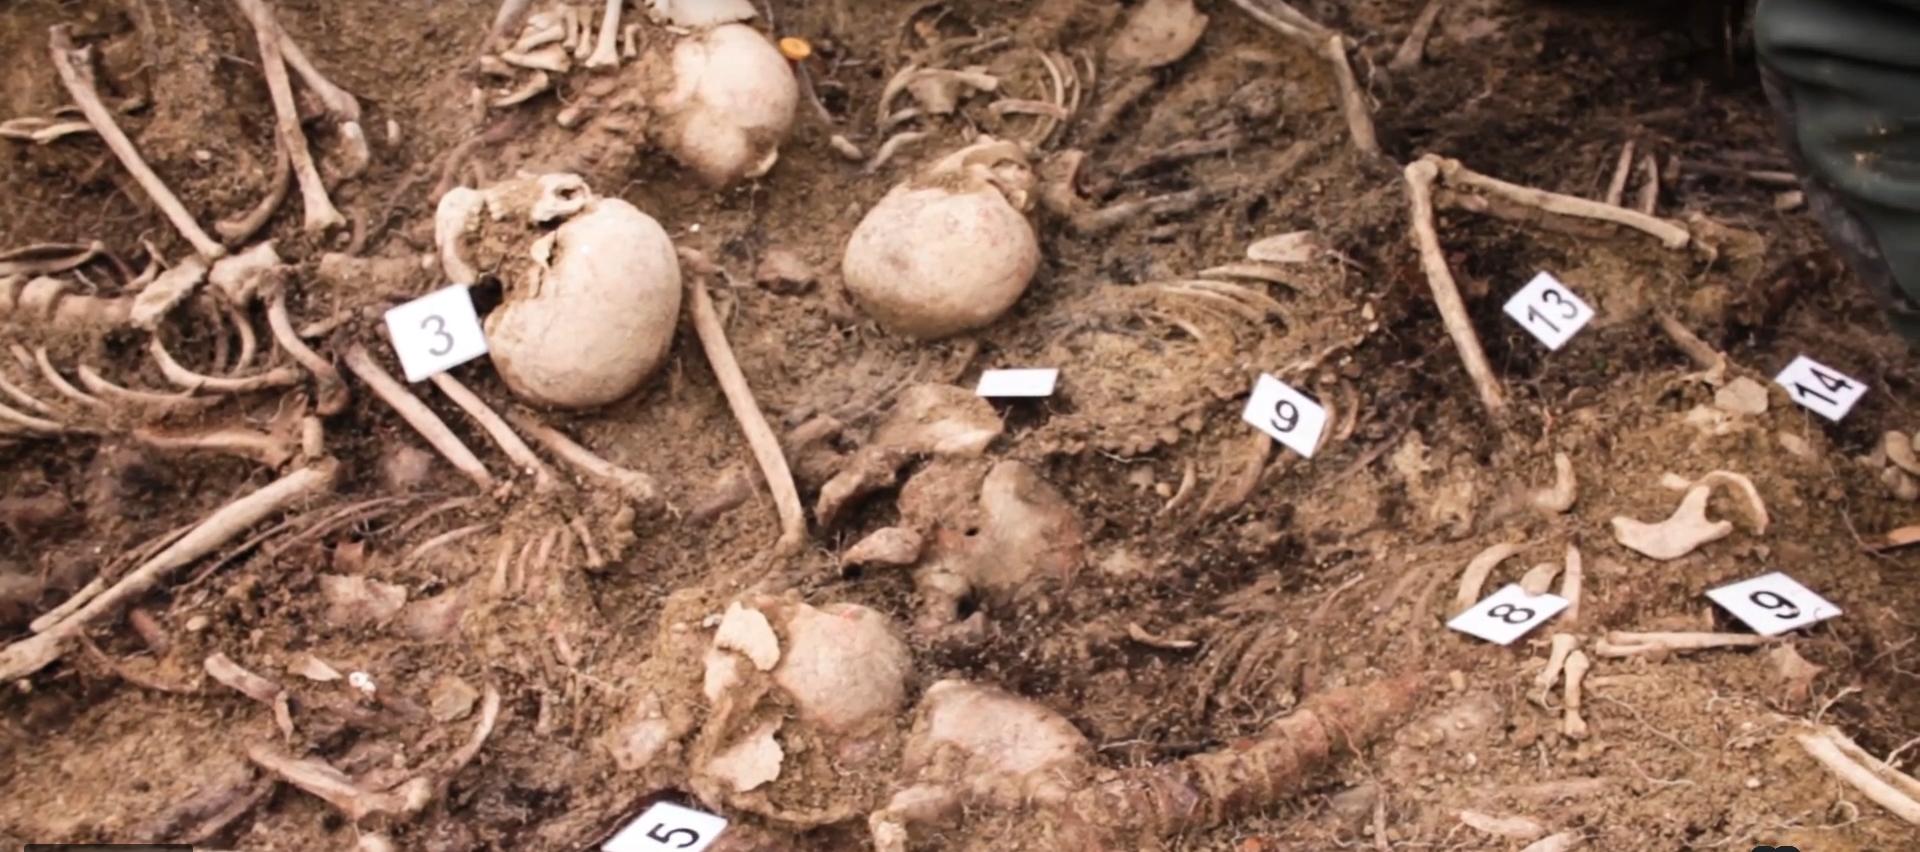 Imagen de los restos hallados en la fosa de Olave